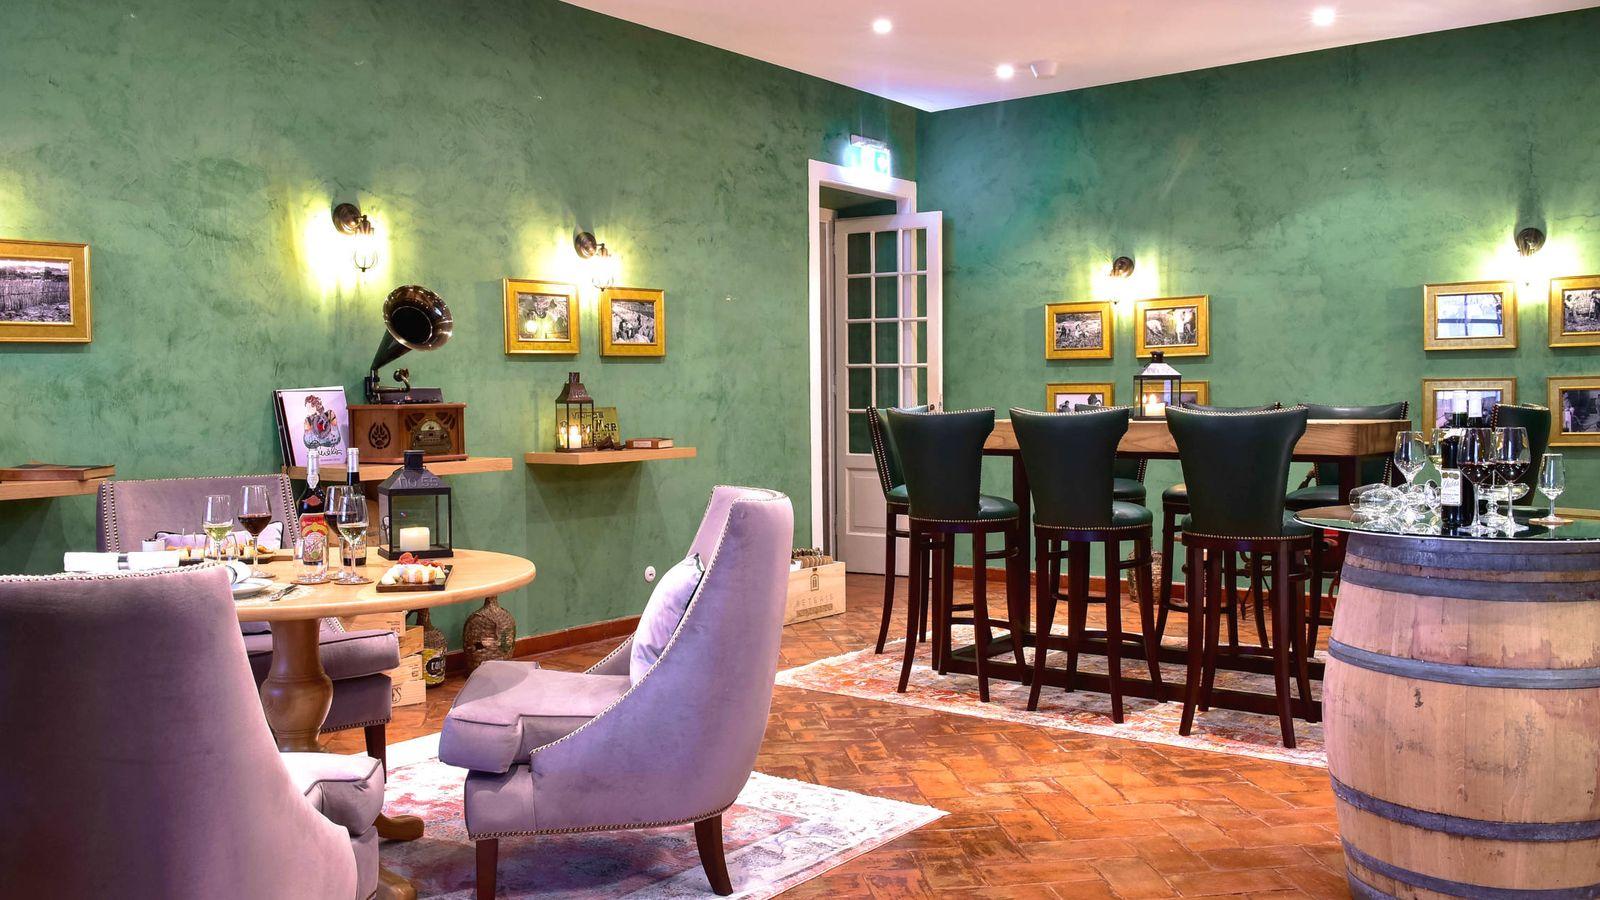 Foto: La Wine Room del Tivoli Pálacio de Seteais, en Sintra. (Cortesía)